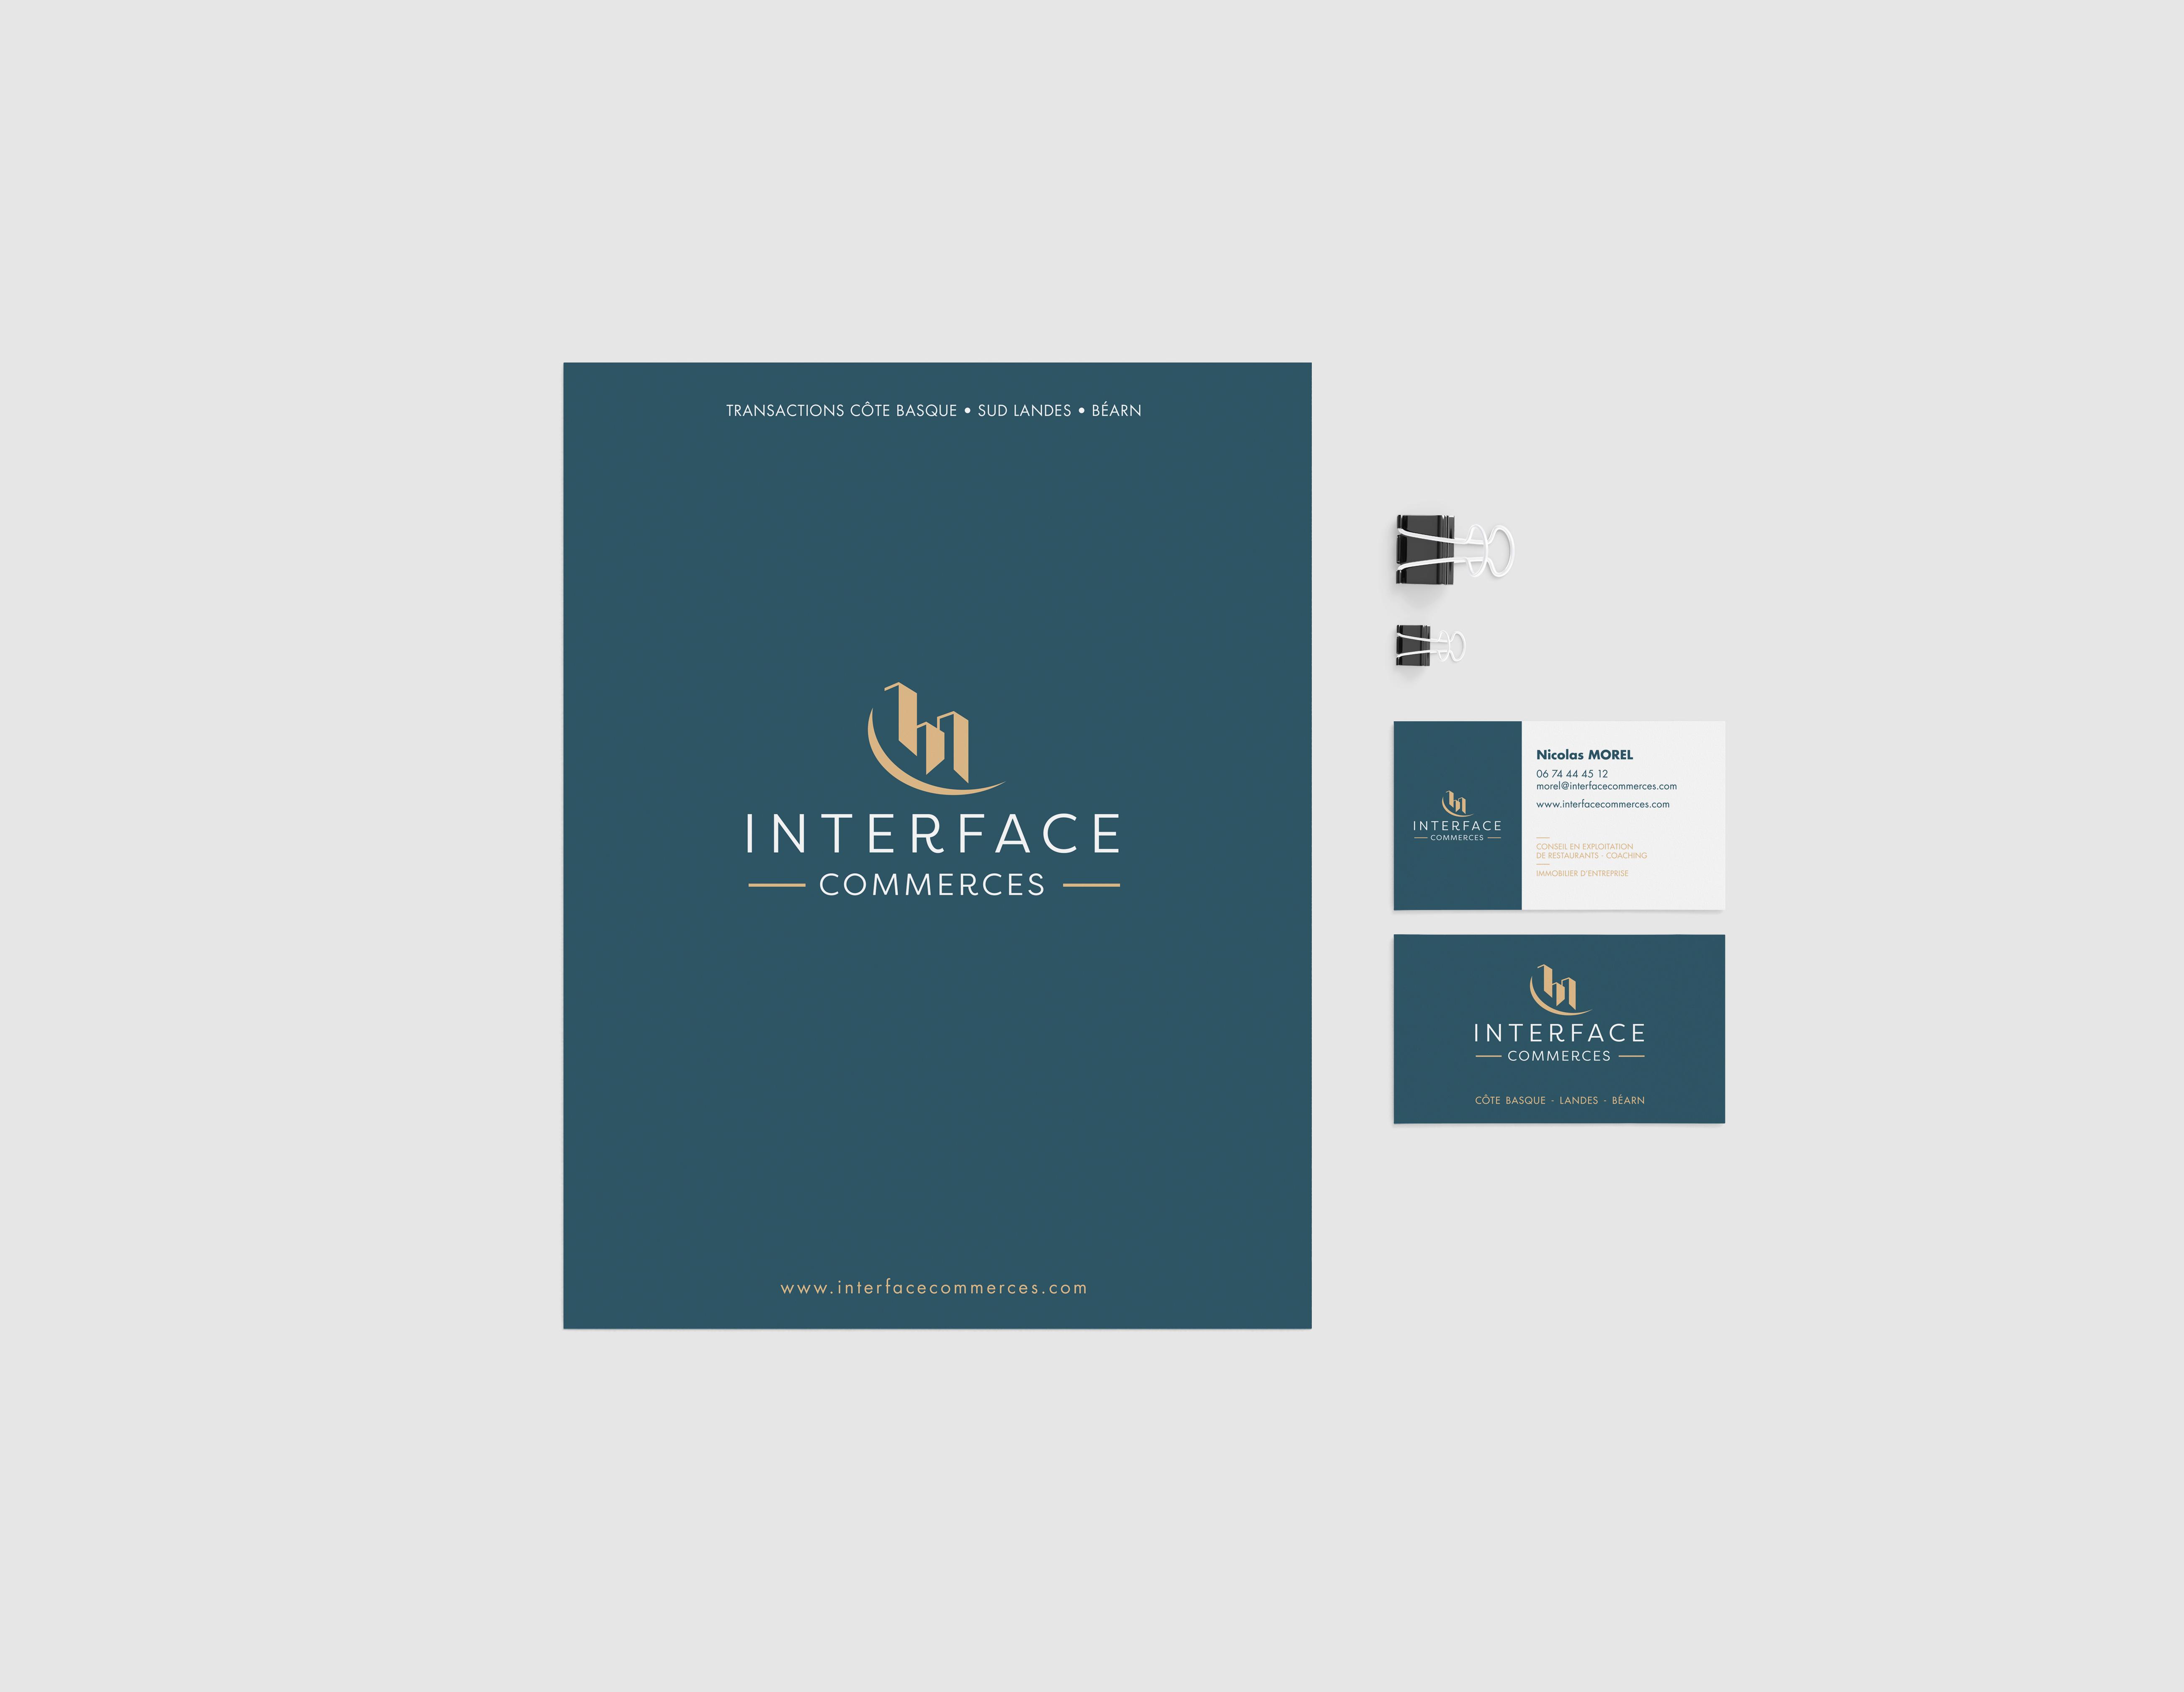 Identité visuelle d'Interface commerces